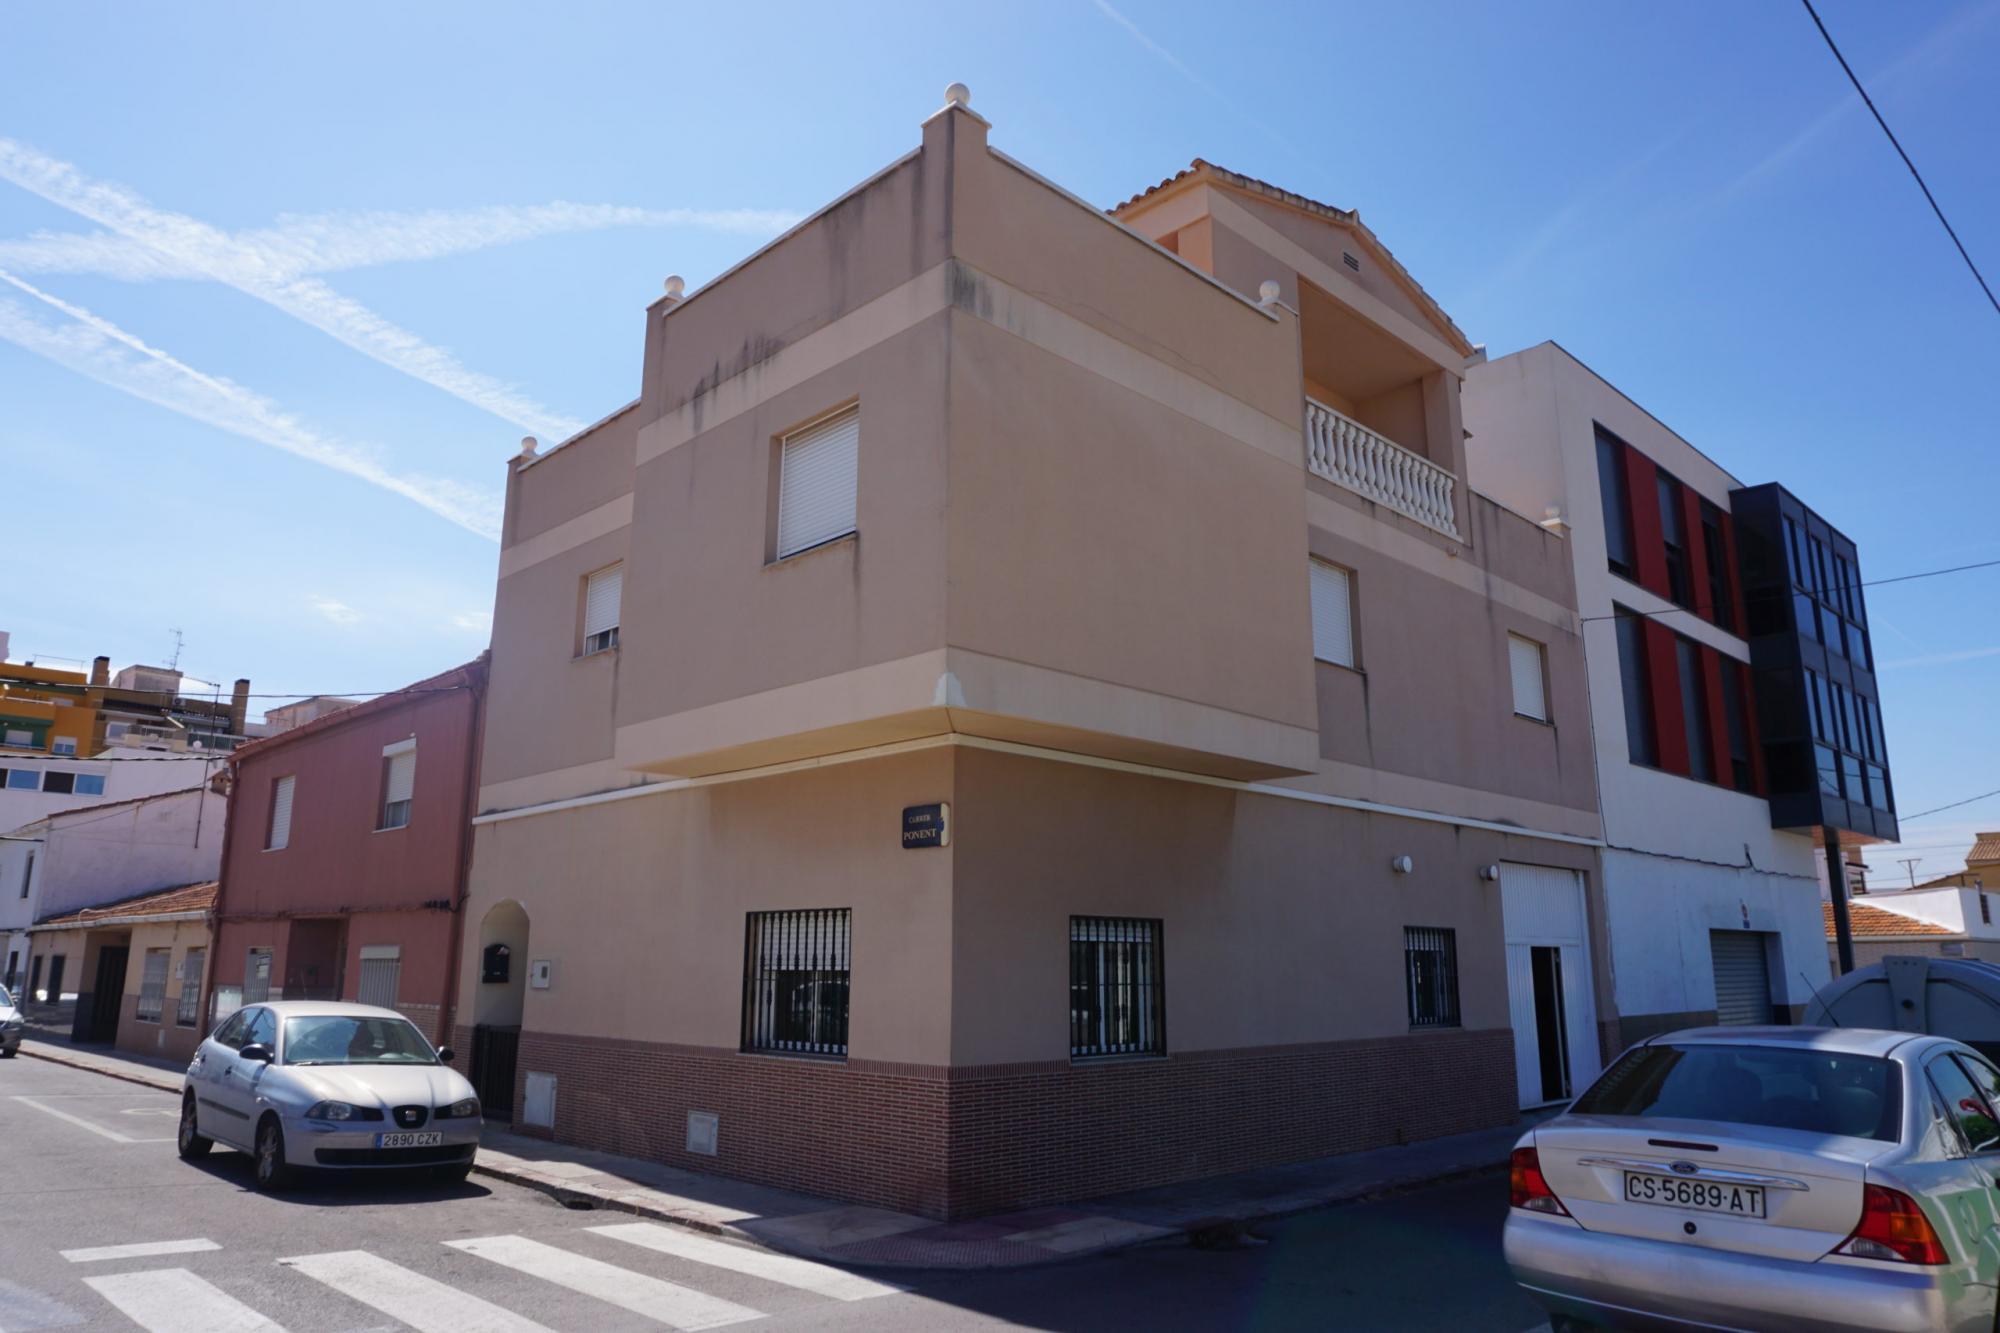 Chalet adosado en venta en Burriana (Castellón) zona puerto